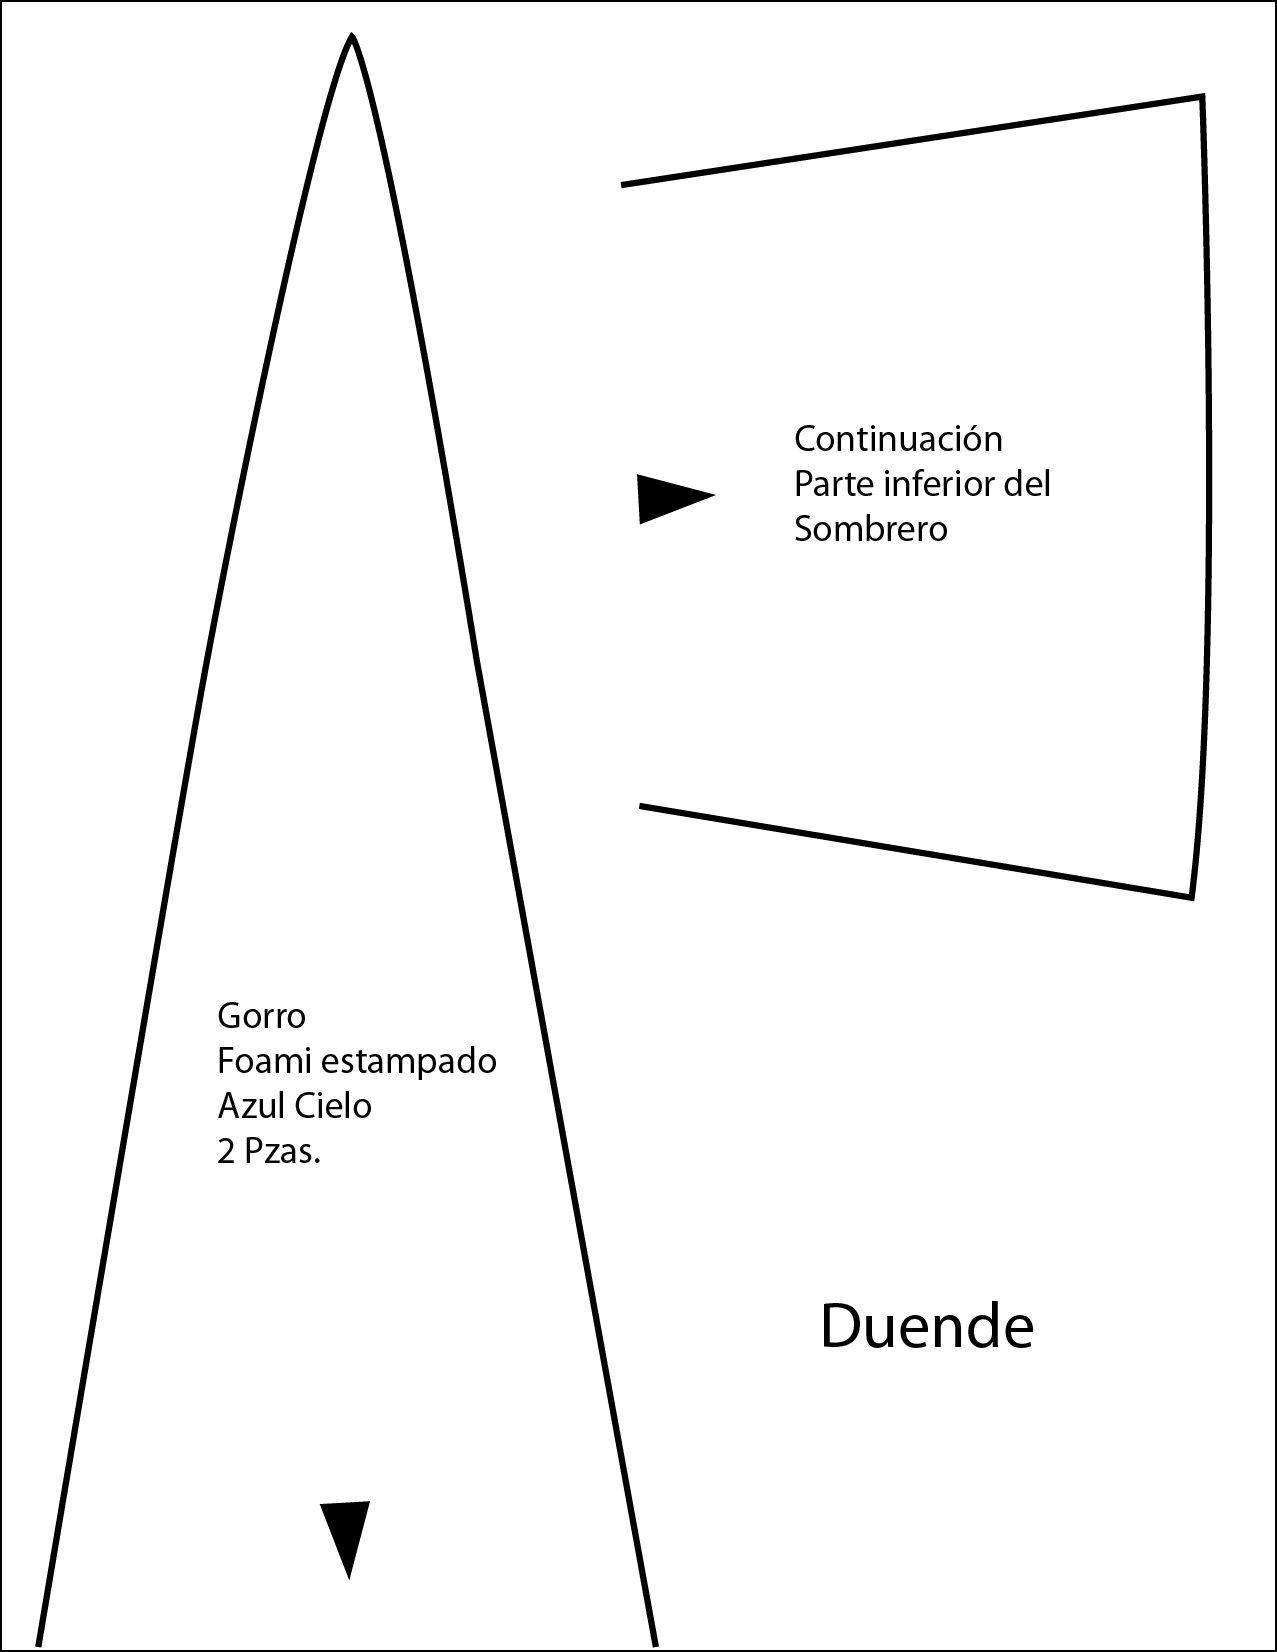 Patron gorro duende - Imagui | accesorios moda | Pinterest